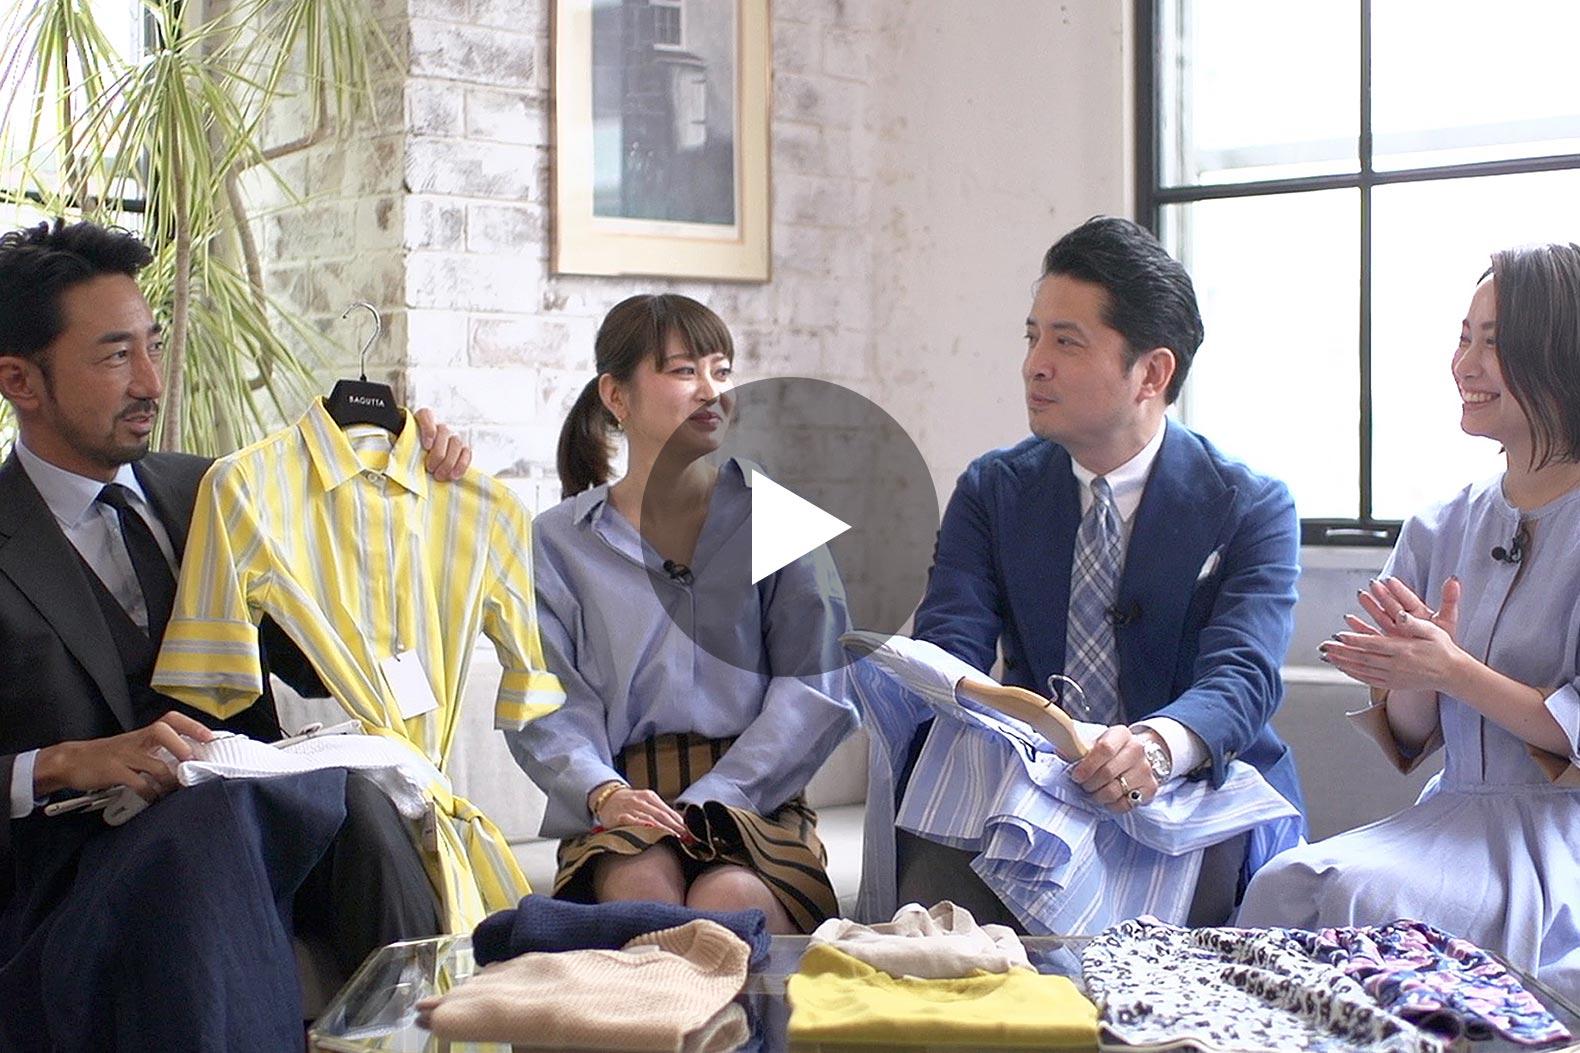 東京デートに絶対オススメ! 女性の本音 「デートで行きたい場所は◯◯」